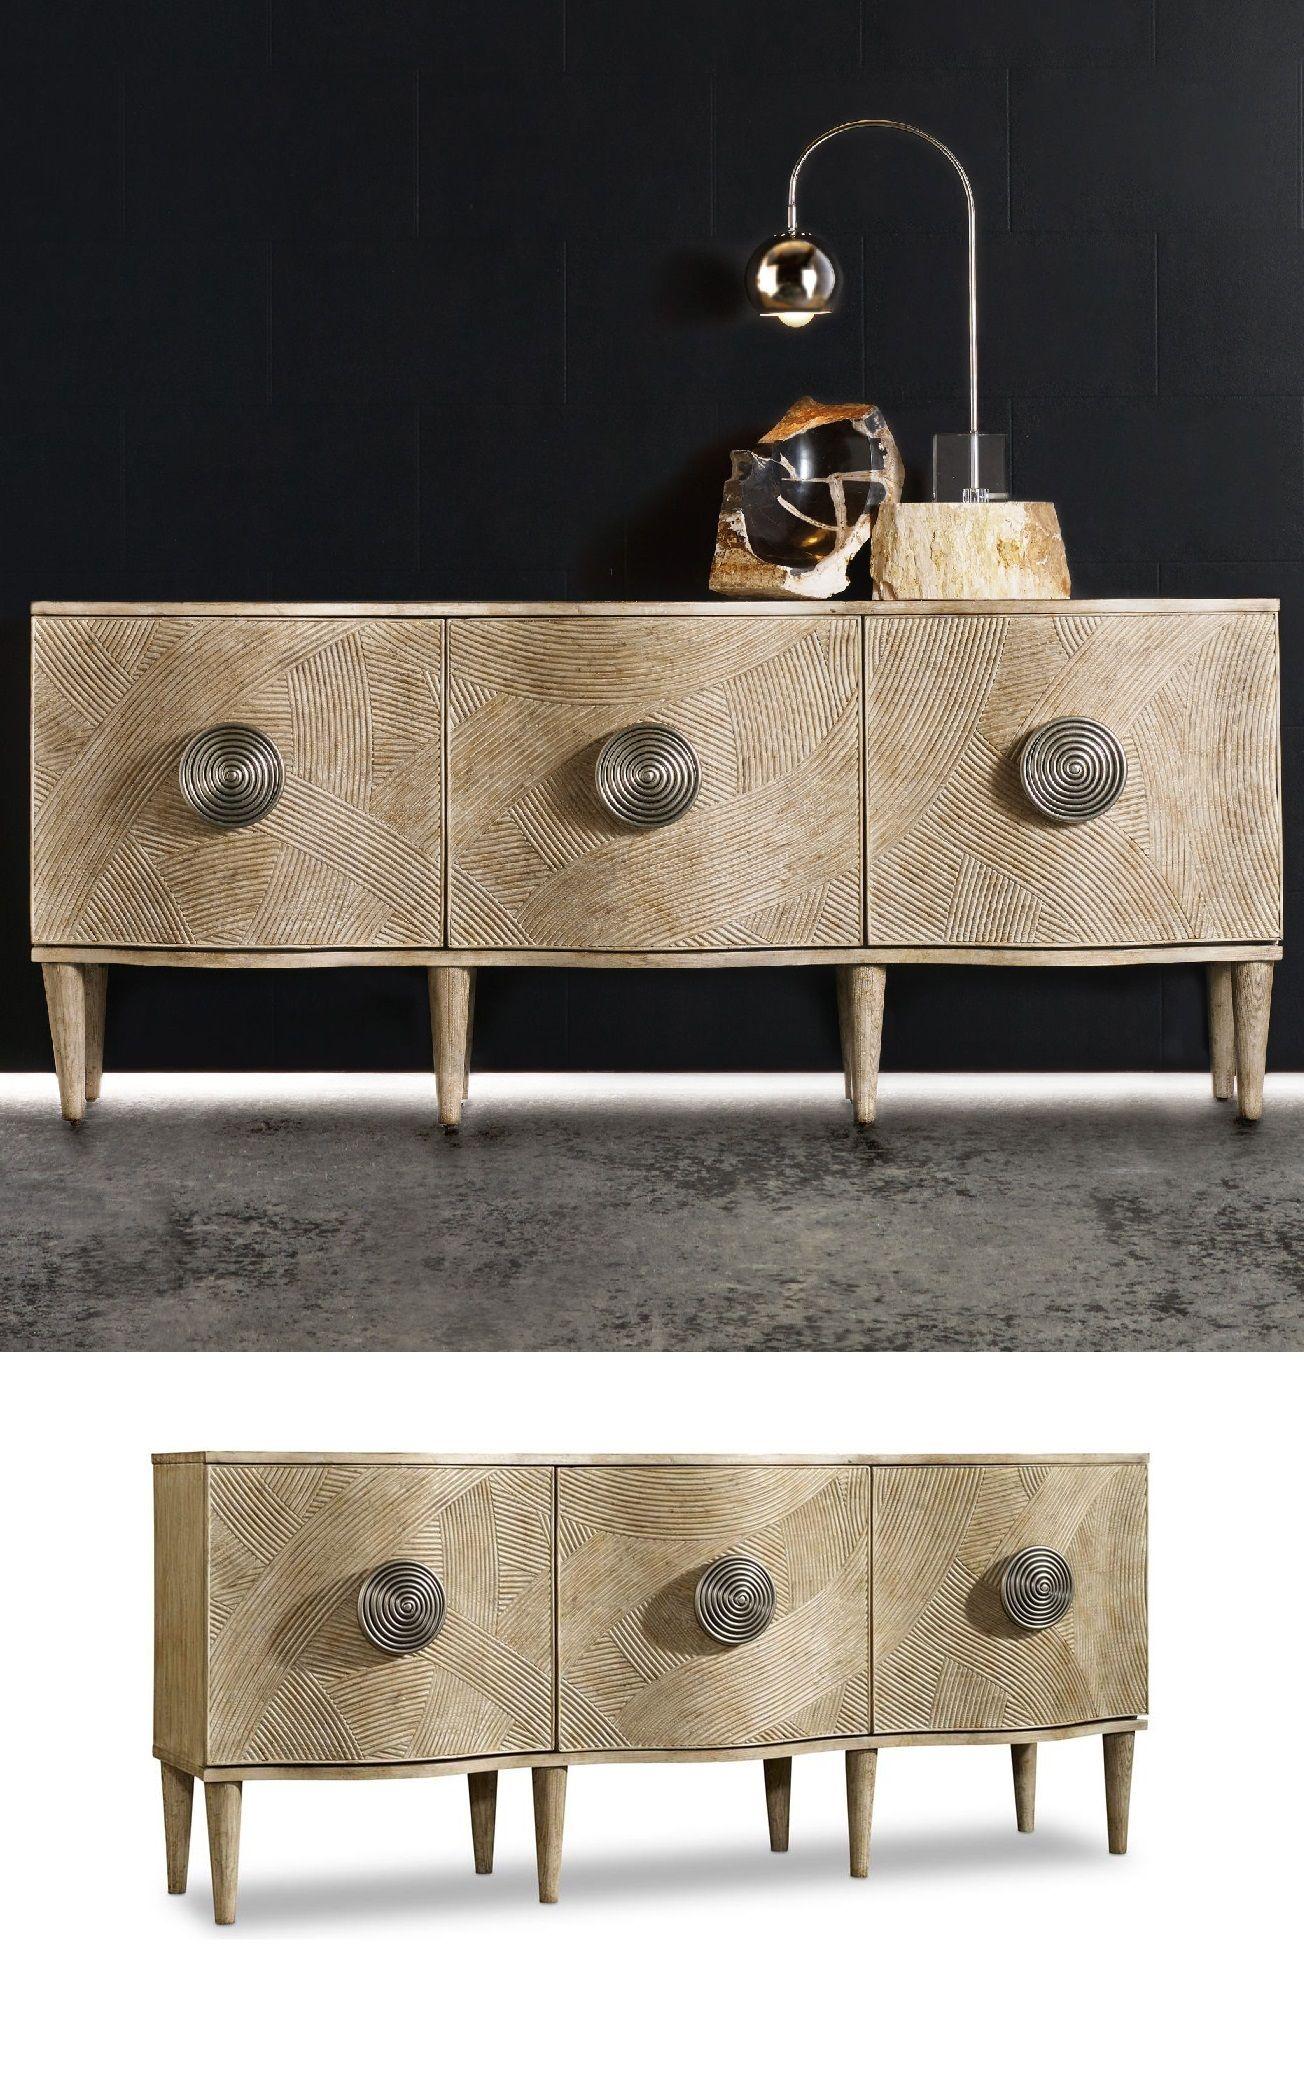 Superbe Buffet | Buffets | Buffet Furniture | Sideboard | Sideboards | Sideboard  Furniture | Living Room Furniture | Dining Room Furniture | Modern Buffet |  Servers ...